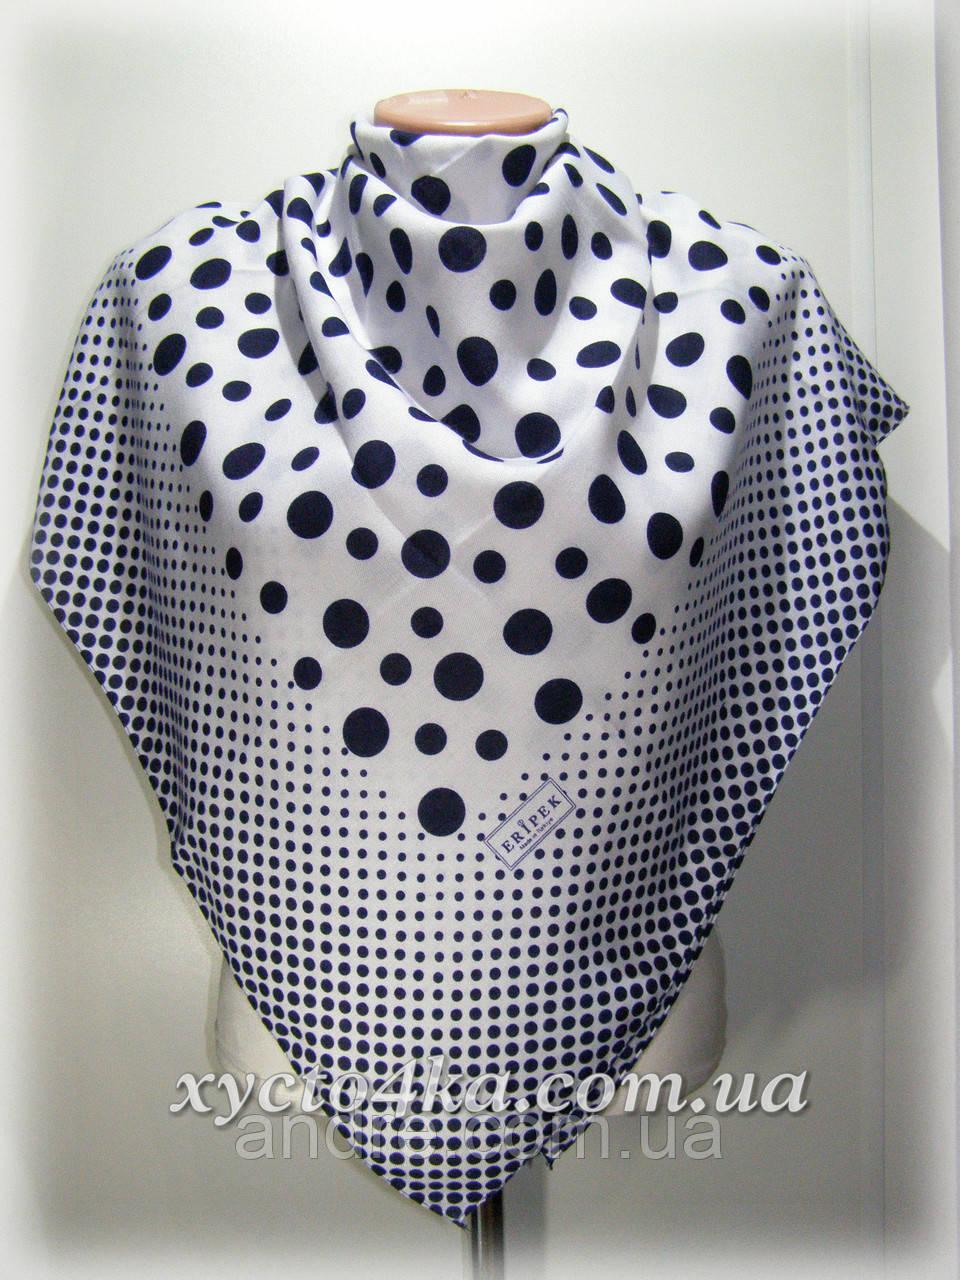 Кашемировый платок Горошек, белый с синим